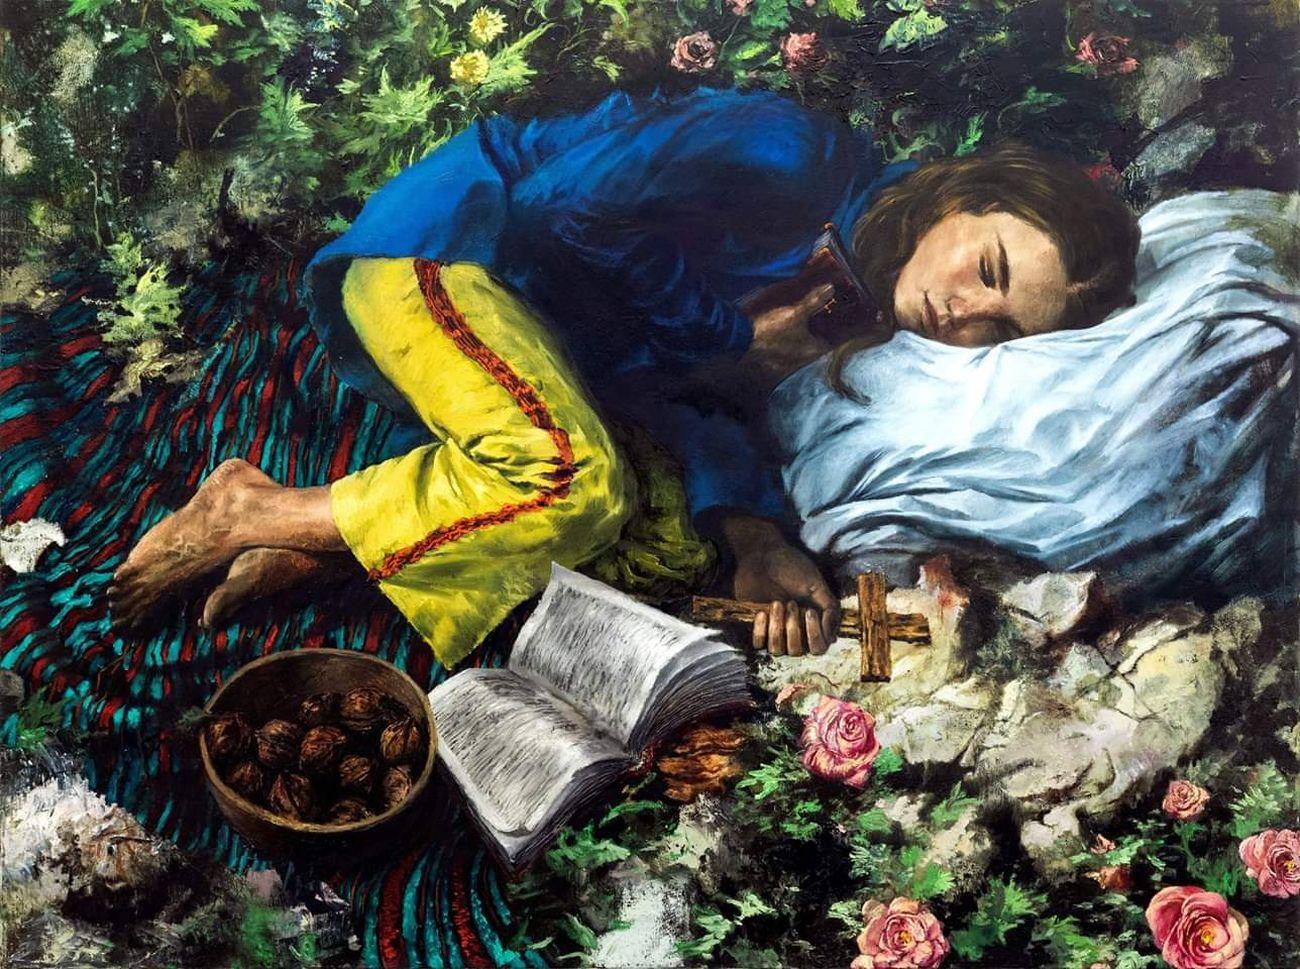 Francesco De Grandi, Il libro, la croce e la rosa, 2019, olio su tela, 90x120 cm. Courtesy Francesco De Grandi e Galleria Annarumma, Napoli